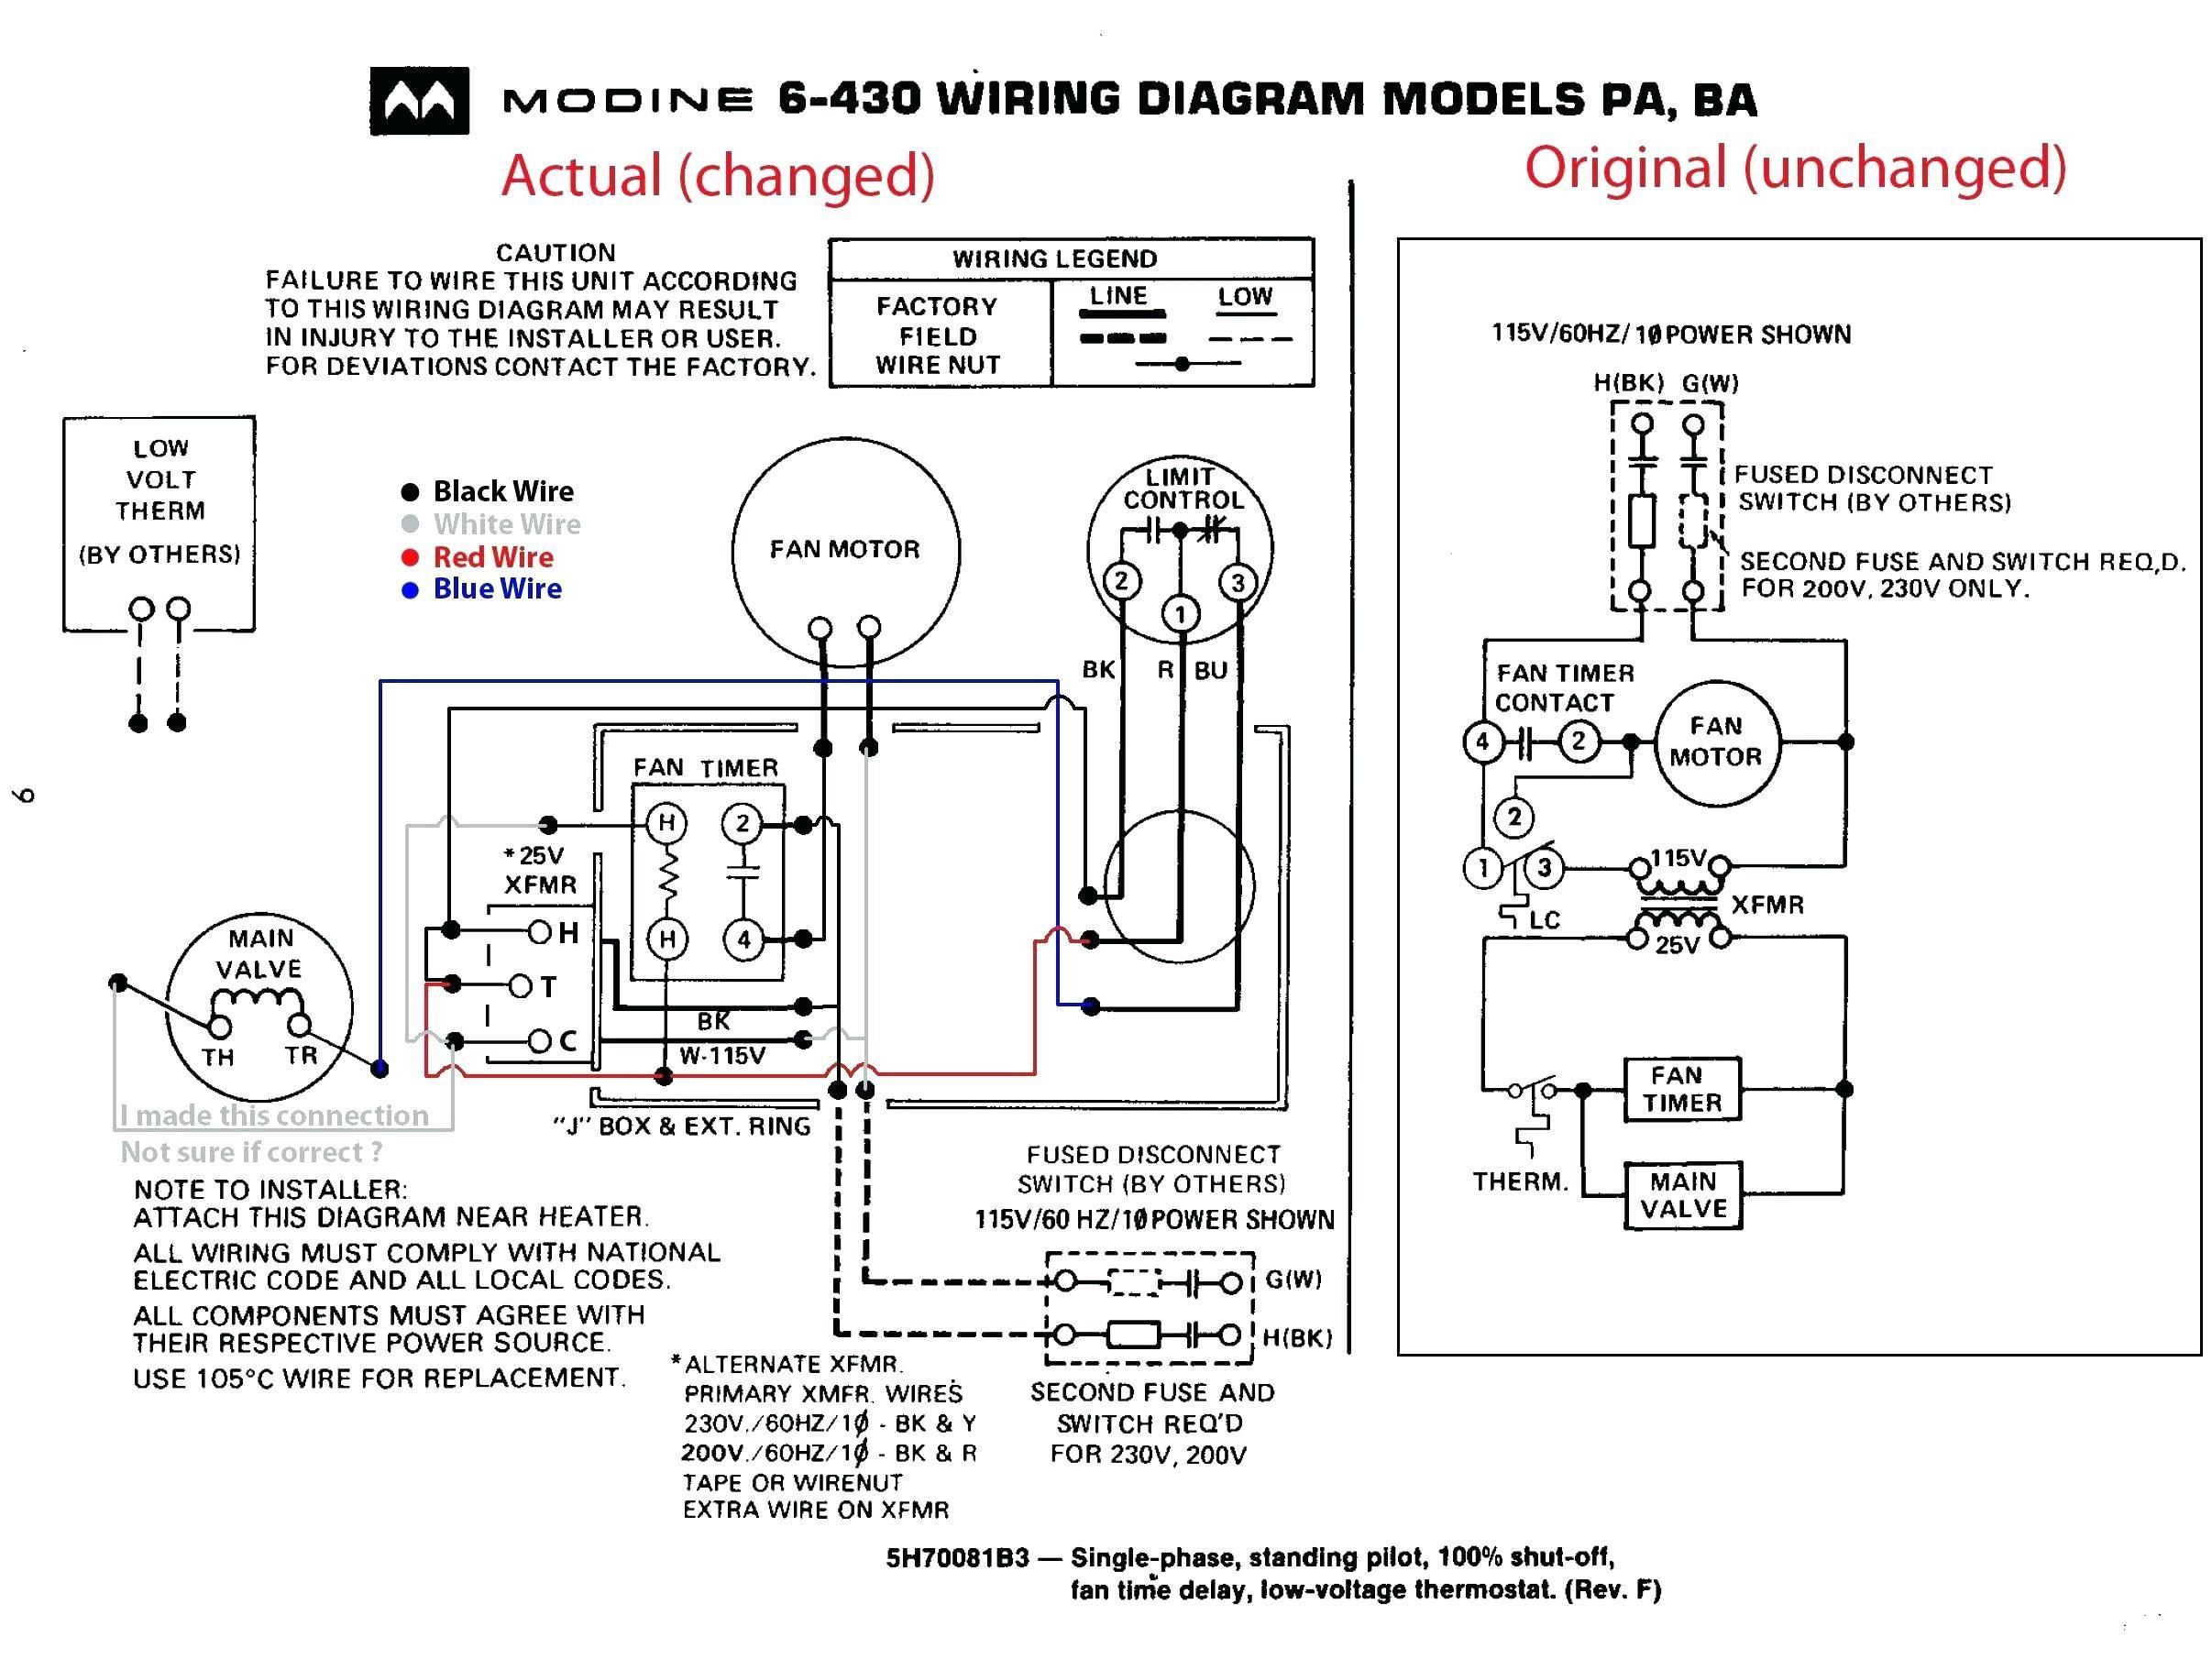 Fahrenheit Wiring Diagram - Wiring Diagrams Name on